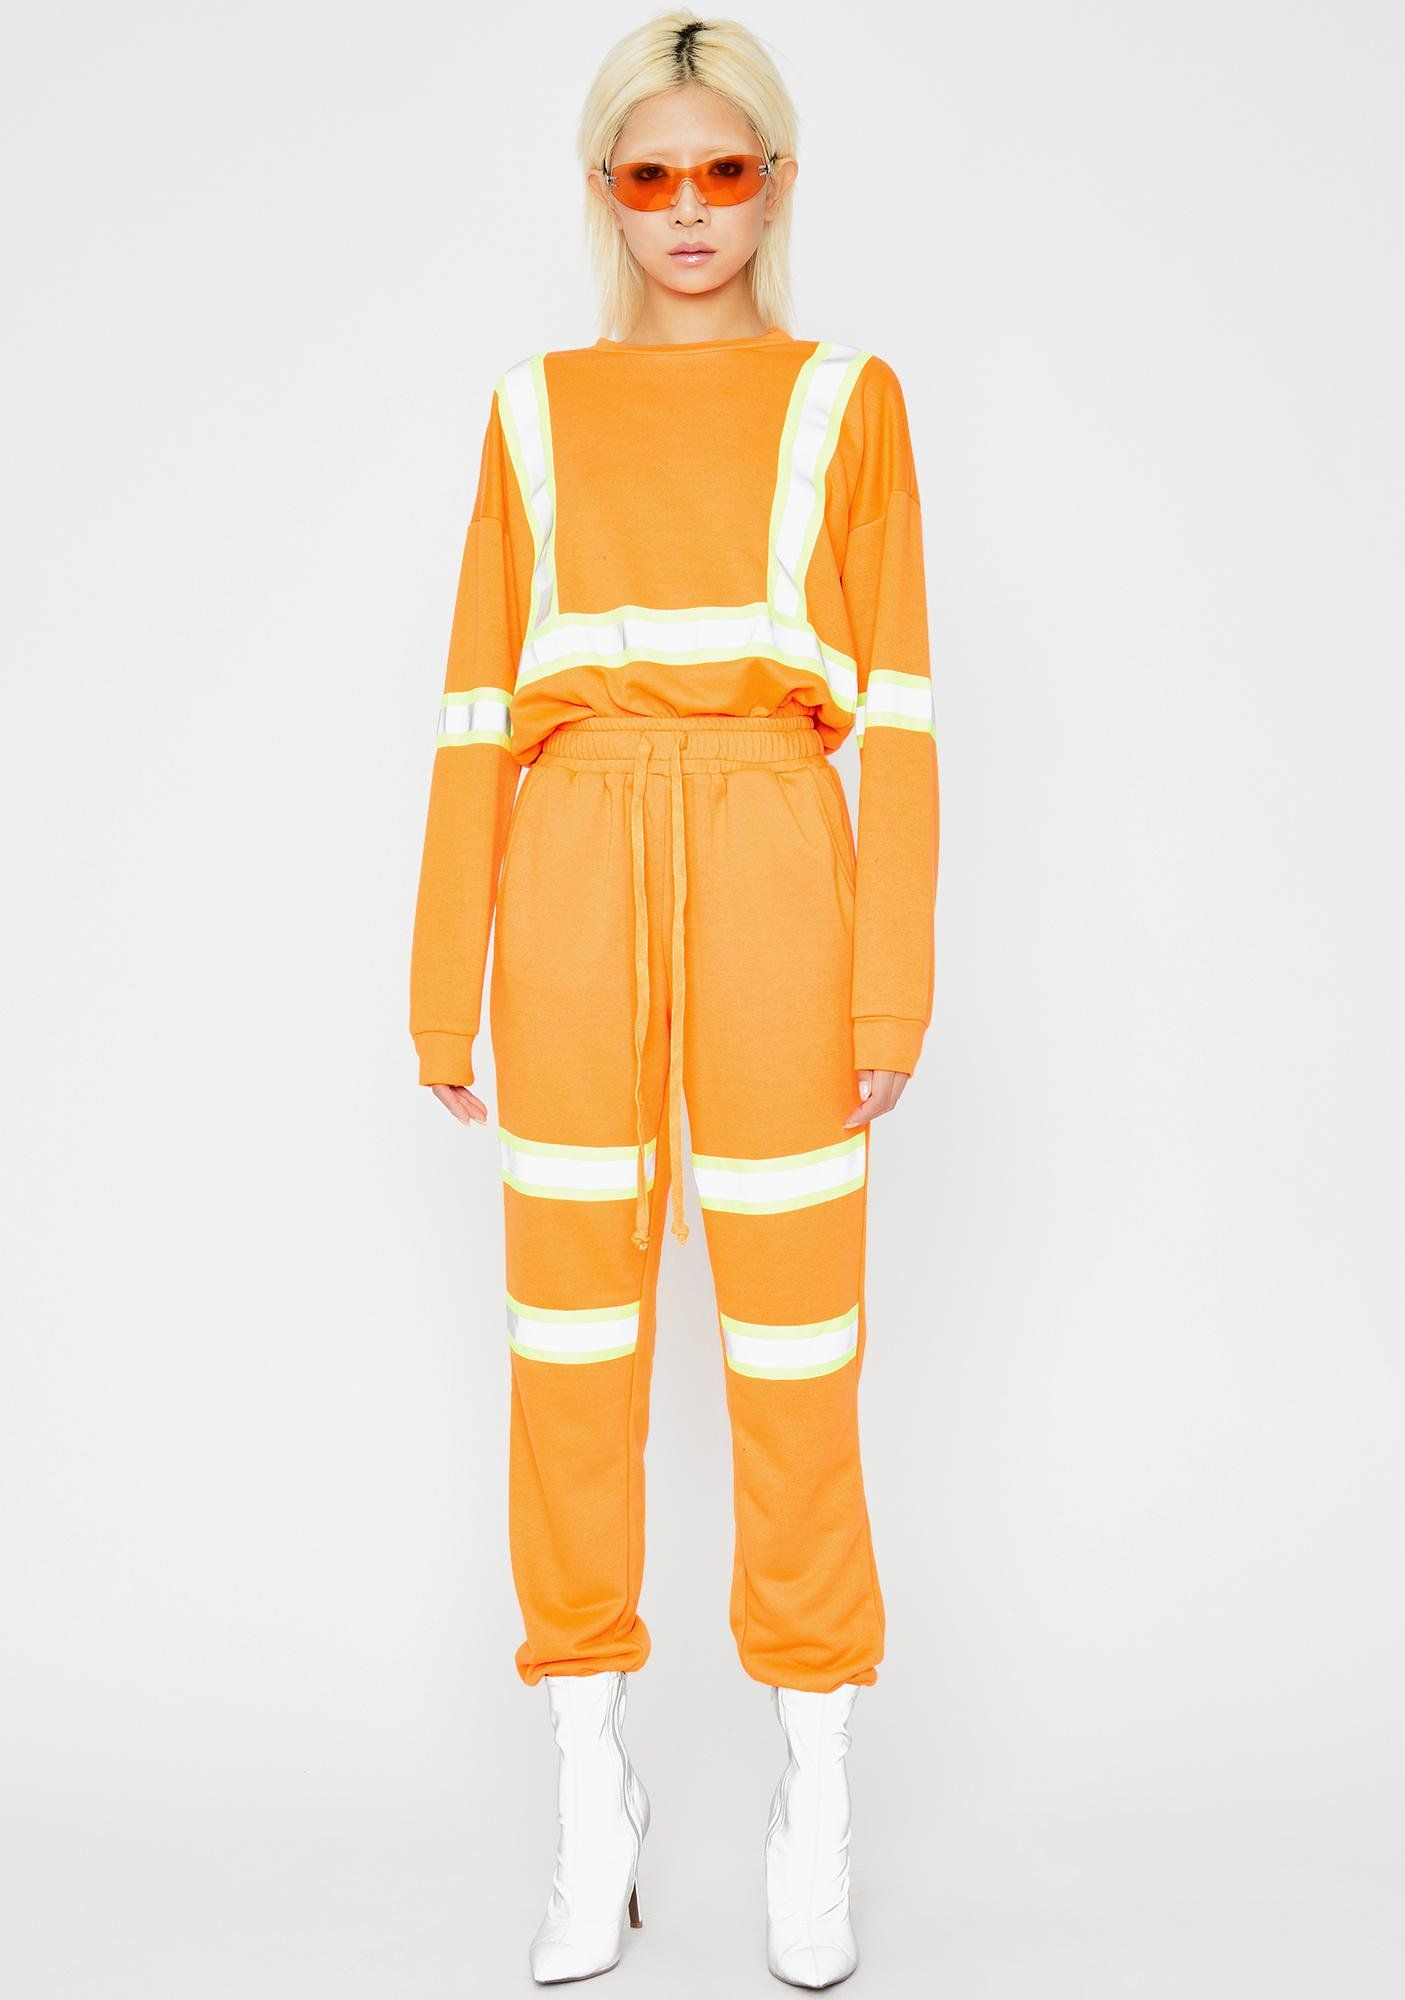 Juicy Bae At Werk Reflective Set Tops for leggings